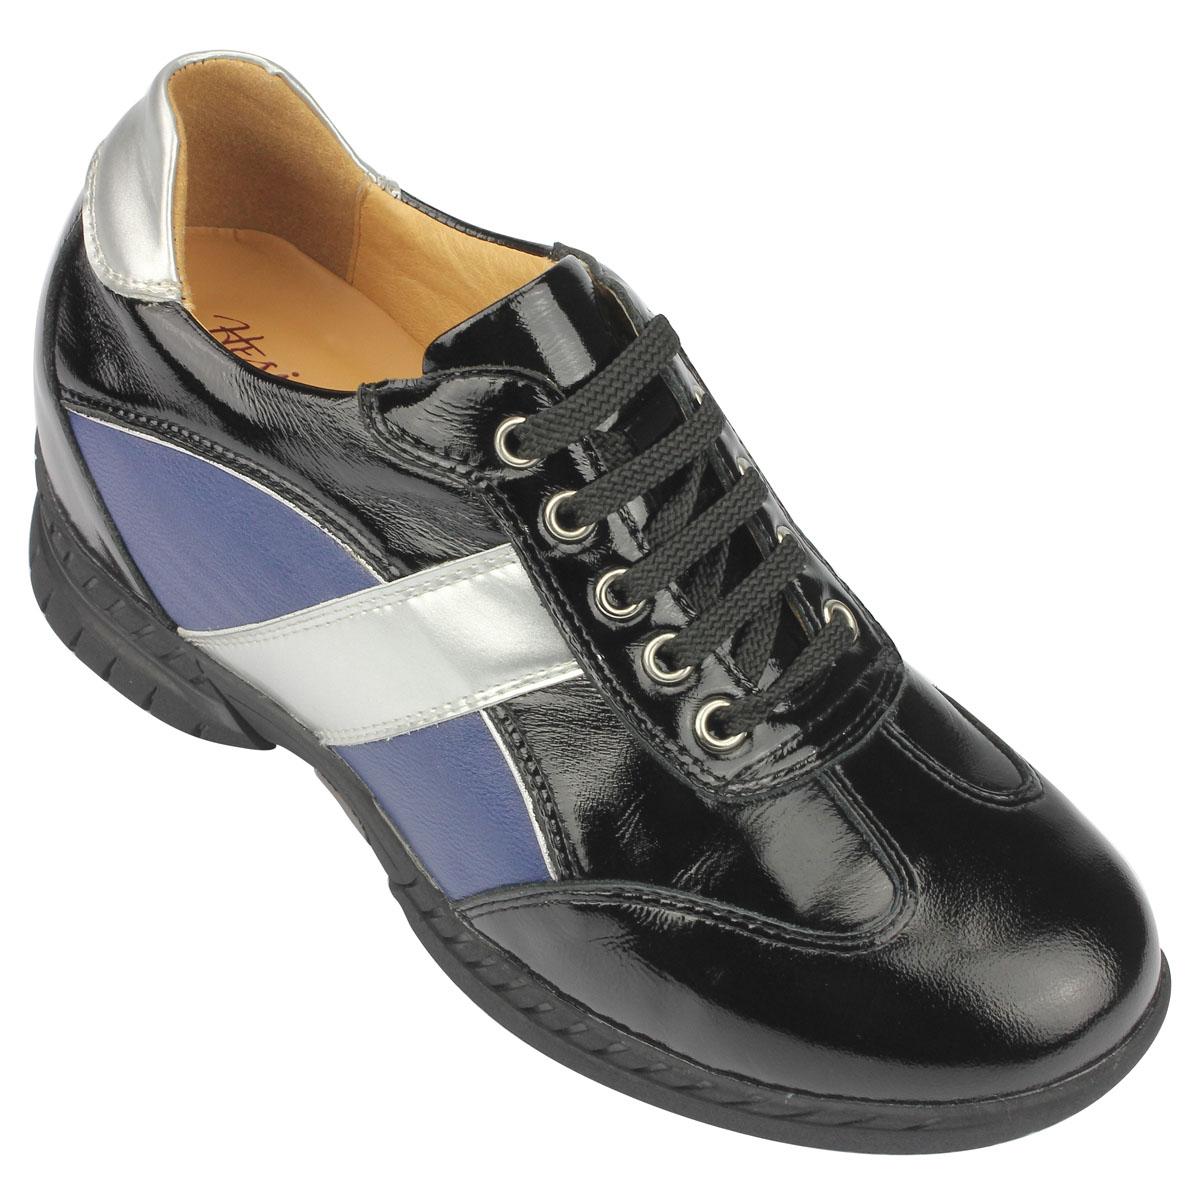 女士增高鞋 休闲滑板鞋 内增高6.5cm 黑色 商品货号:2W45-F7【赫升】